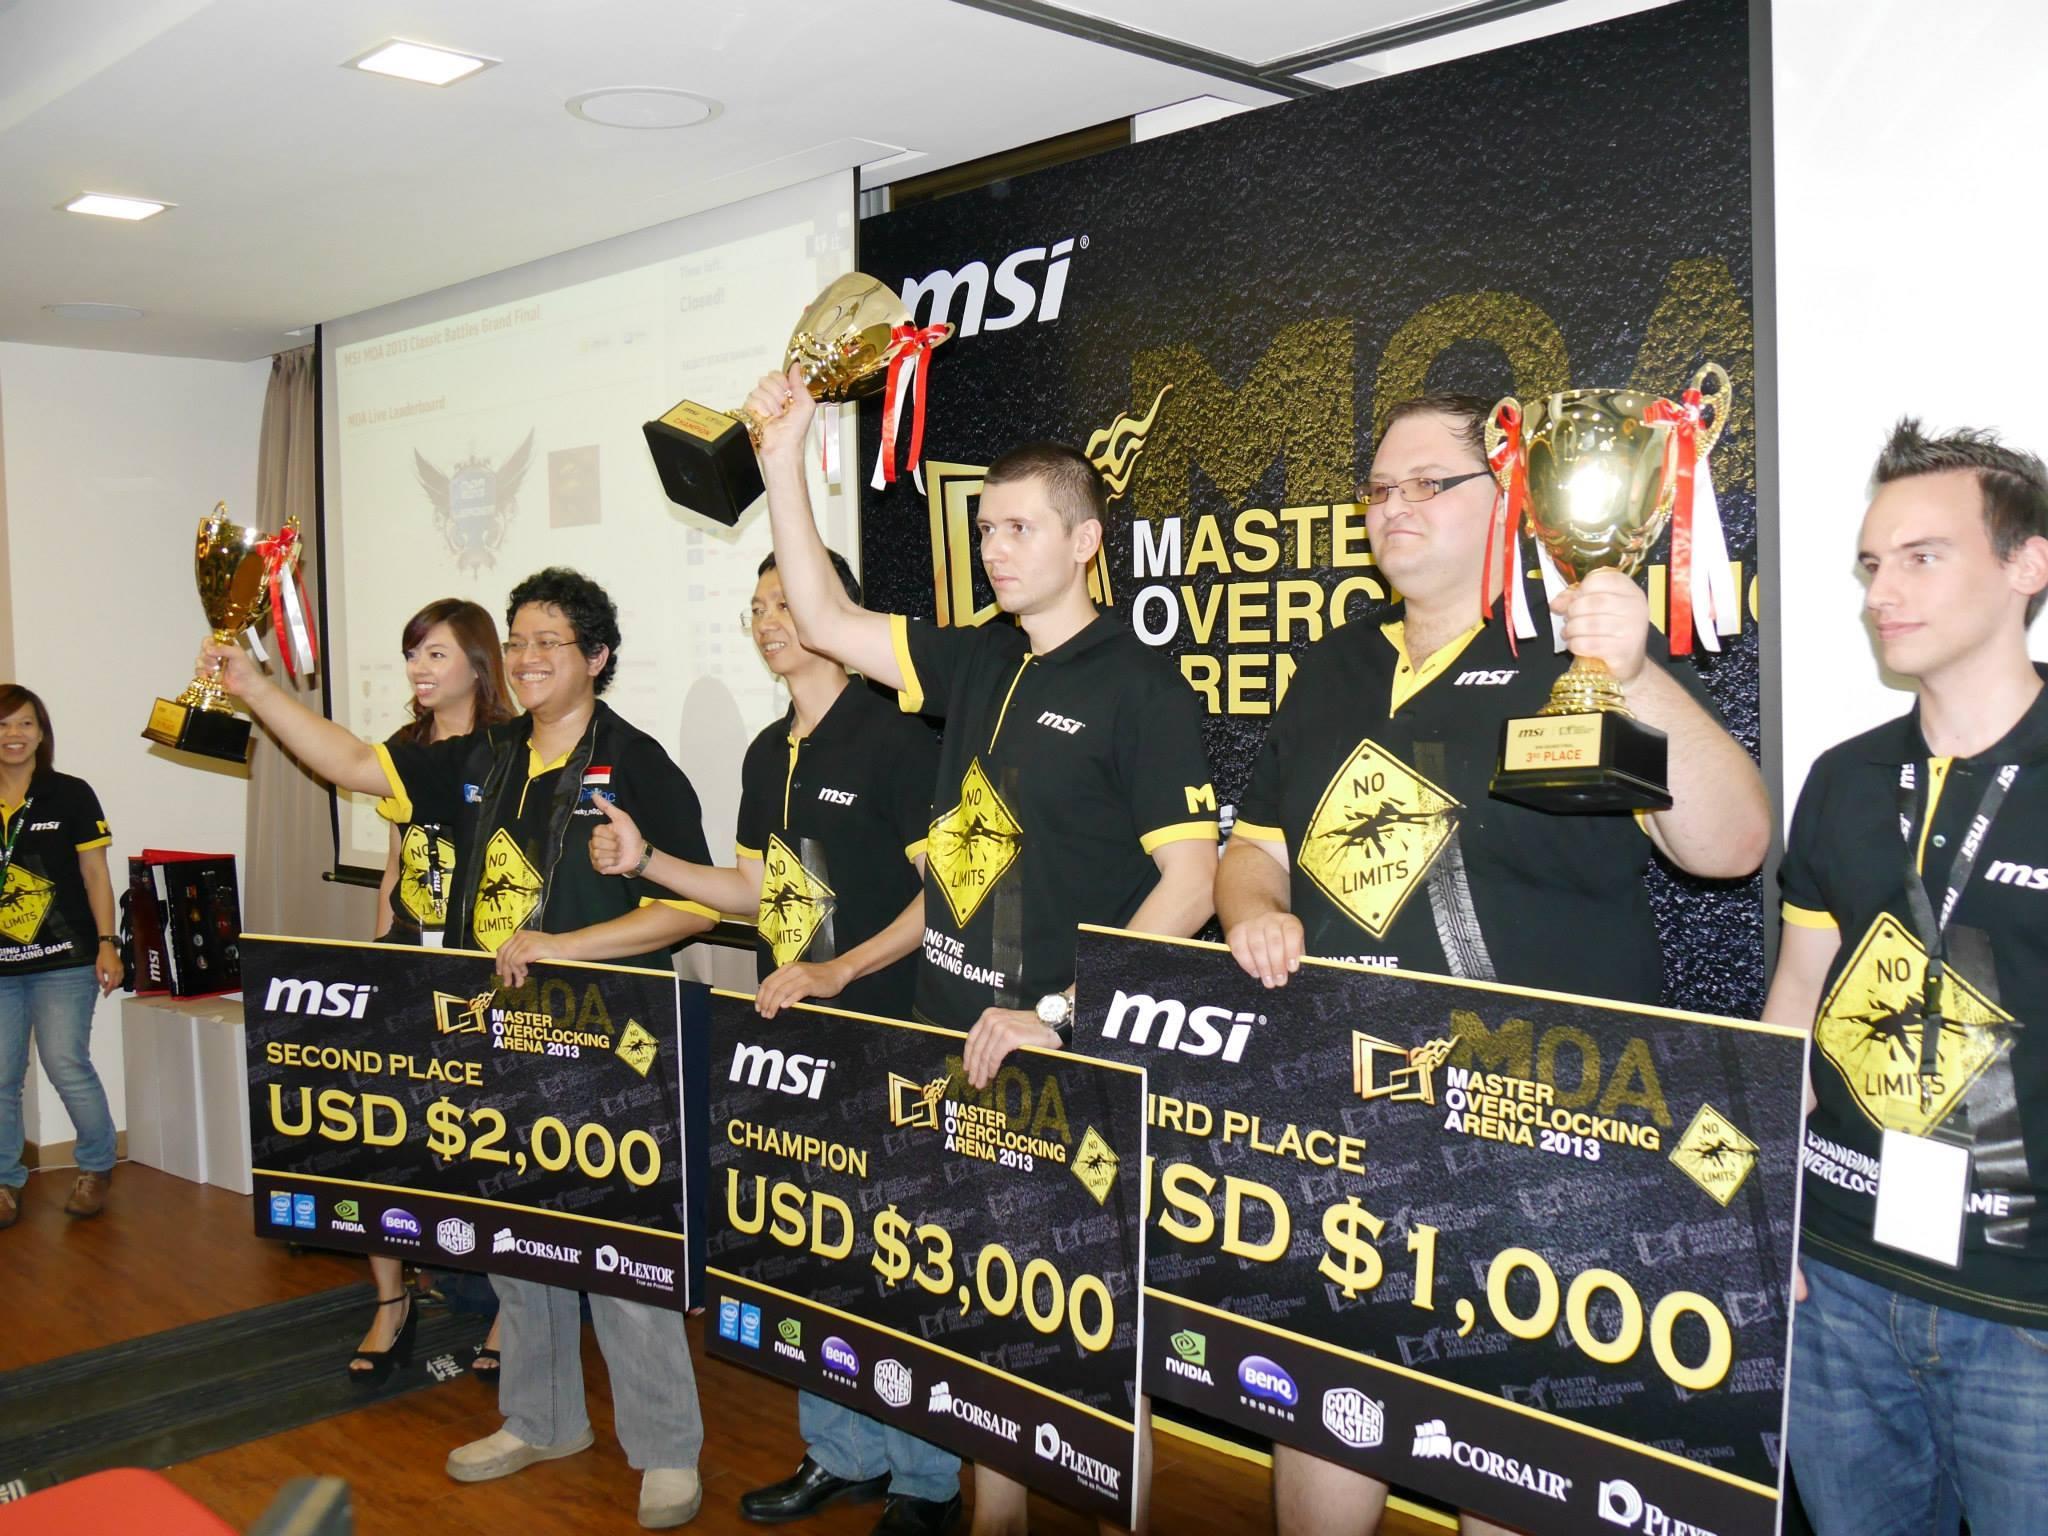 MSI-MOA-2013-Grand-Finals-PR-1